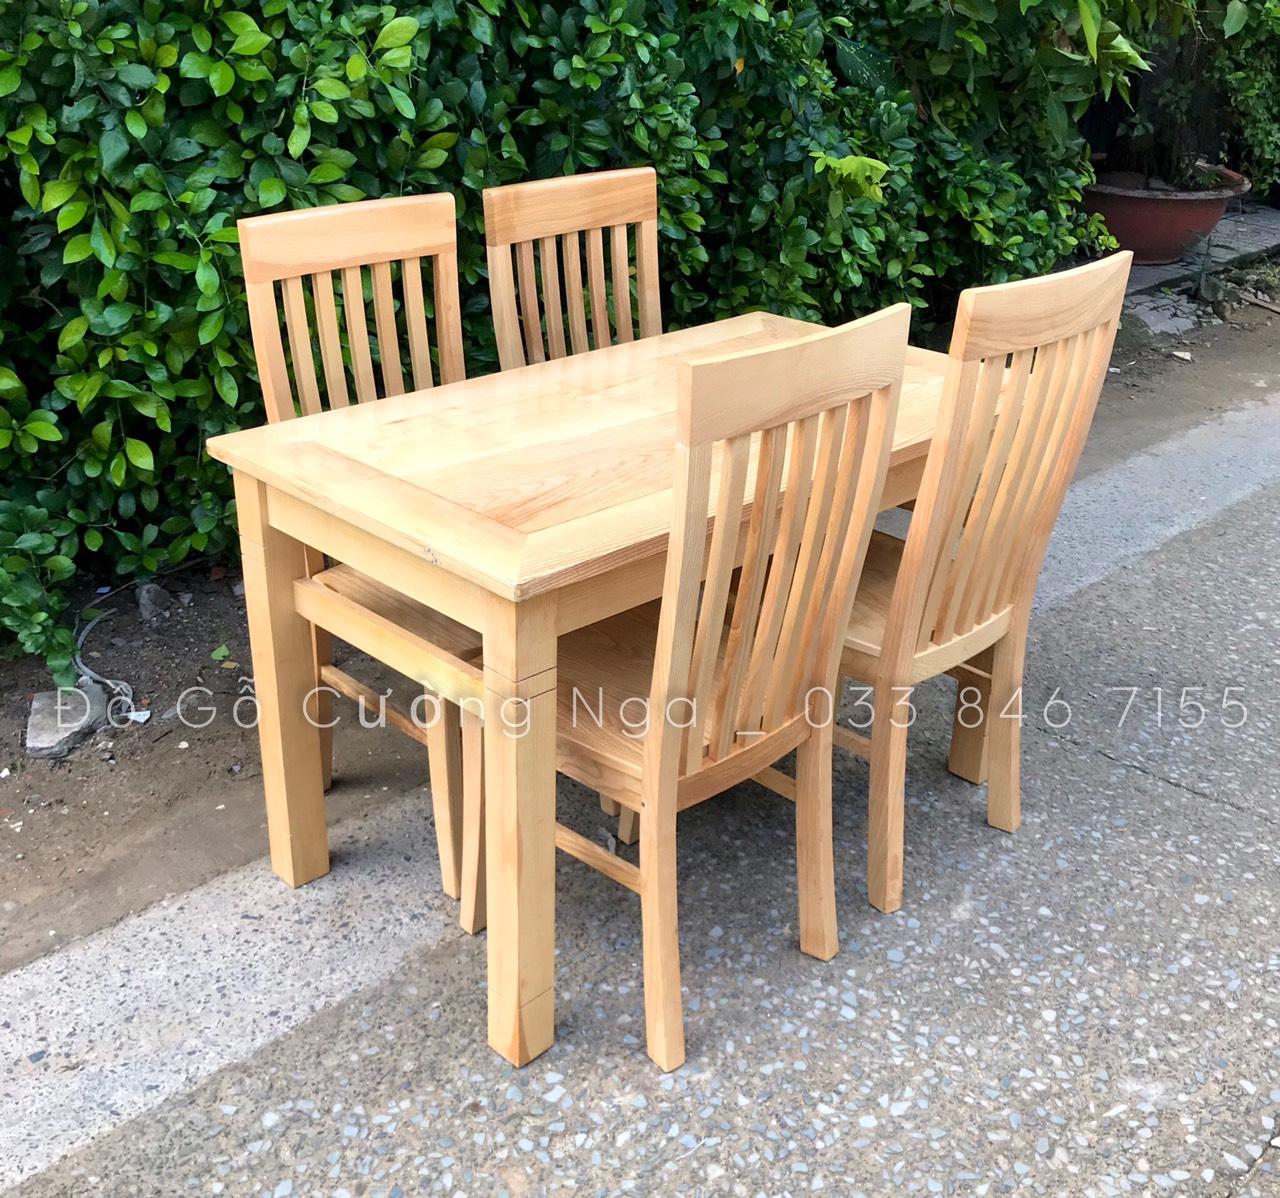 bàn ăn 4 ghế gỗ sooifn ga mặt liề